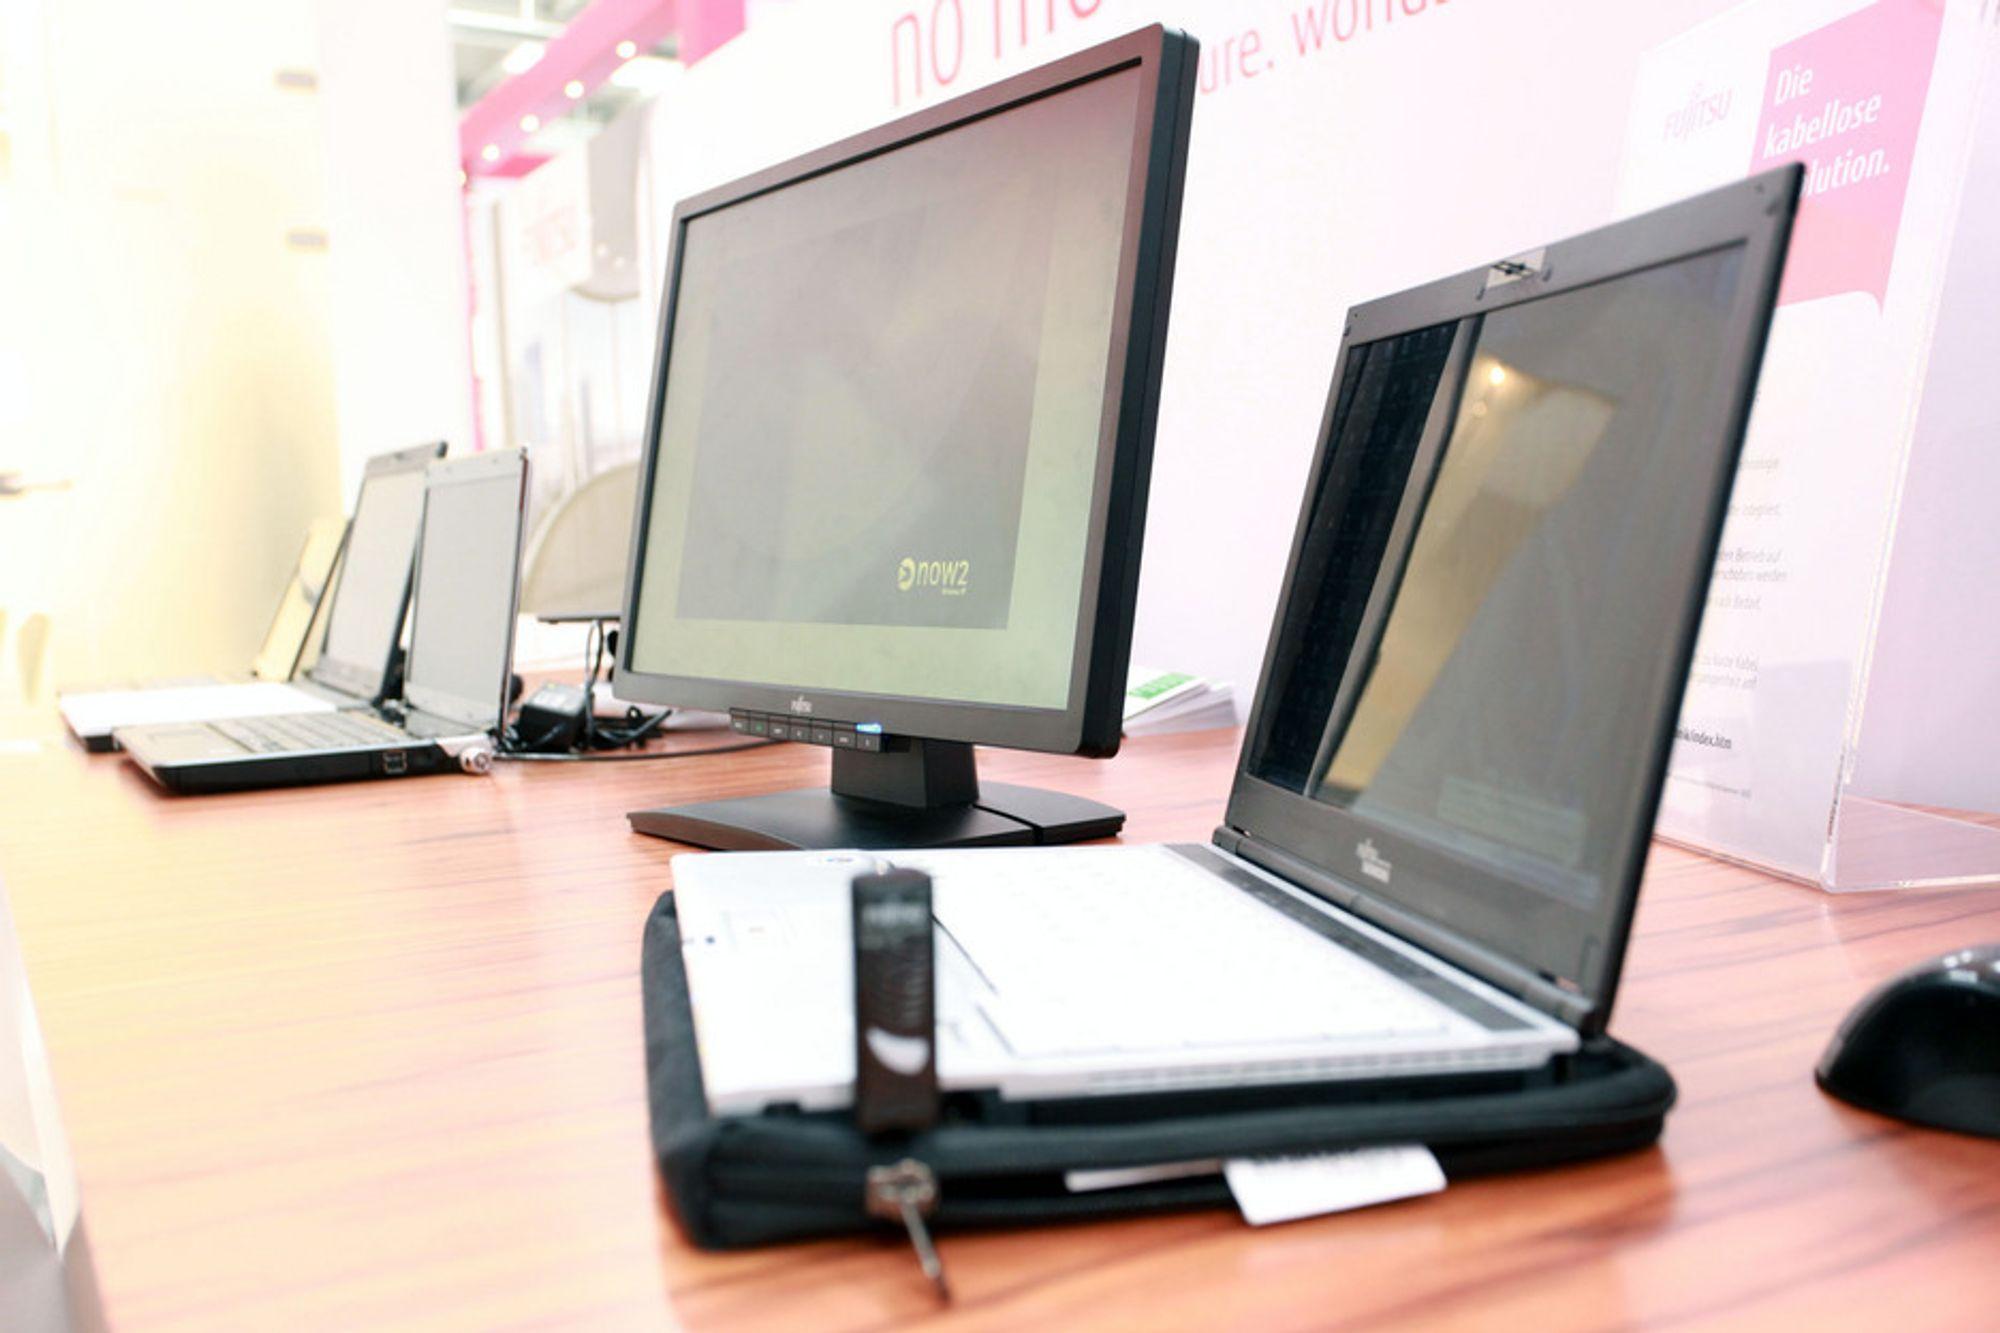 CEBIT: Med en WirelessUSB-sender og et skrivebord med innebygget induksjonsspole fungerer Fujitsus nye skjerm helt uten kabler.